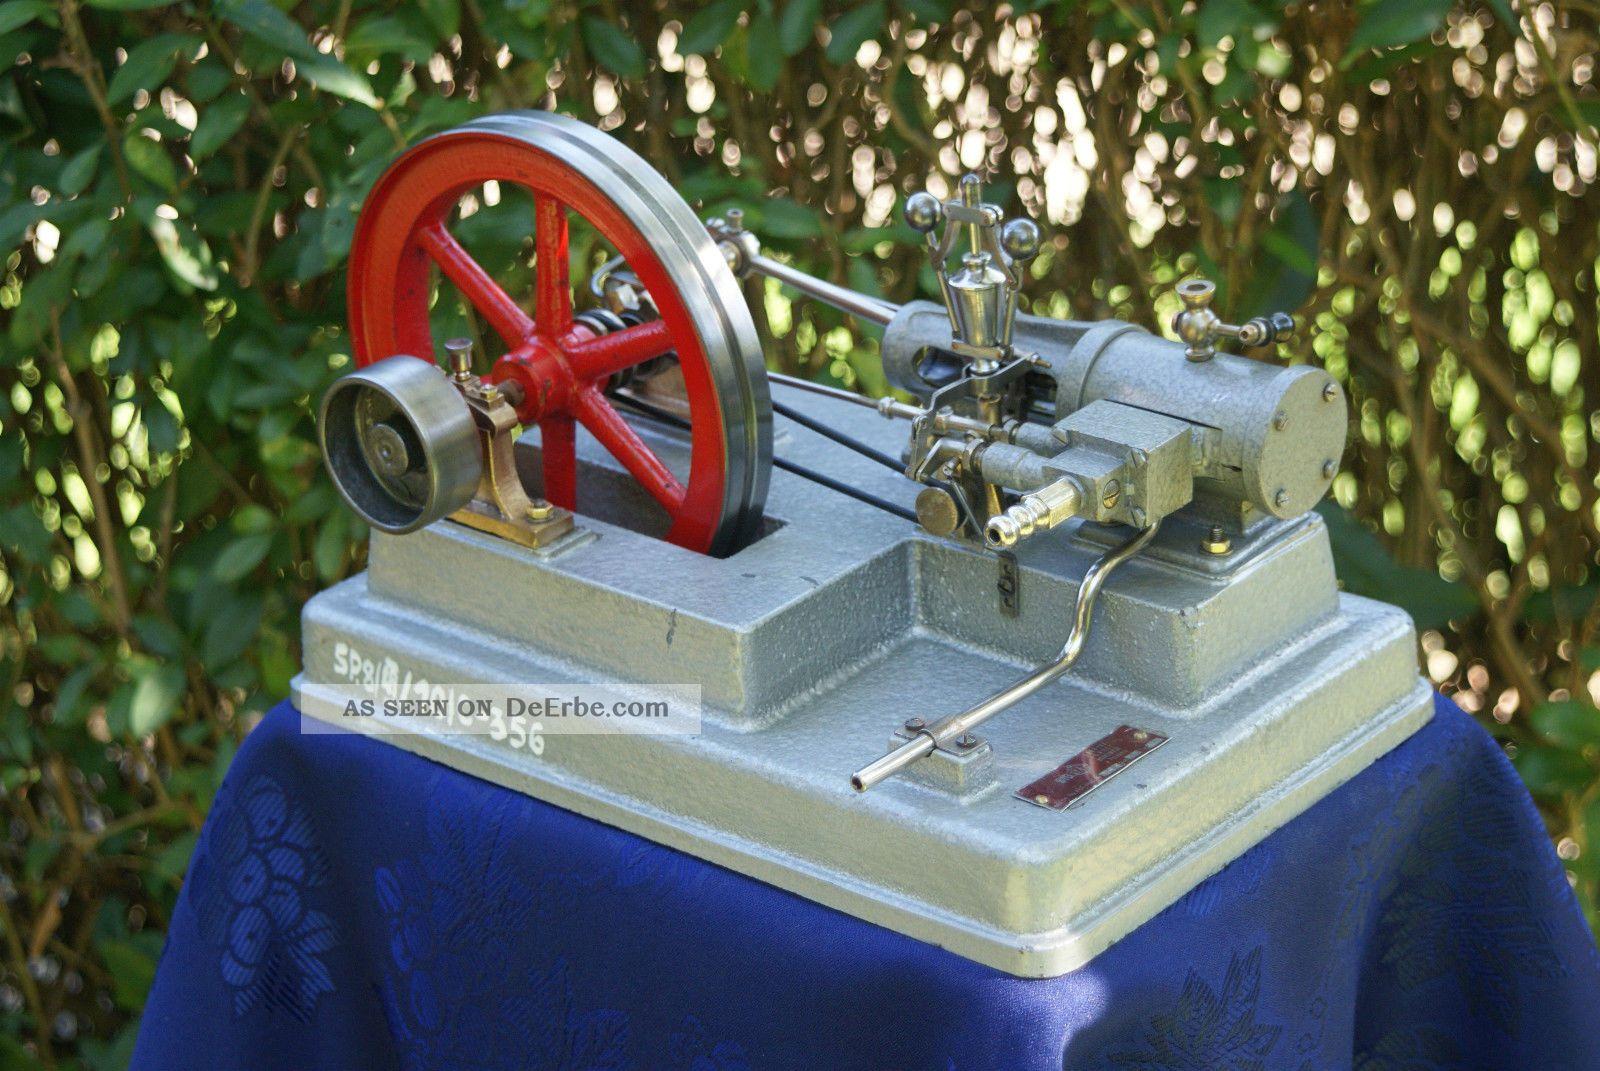 Dampfmaschine,  Educational Steam Engine 1972,  Watt Regulator,  Loft,  Industrial Gefertigt vor 1945 Bild